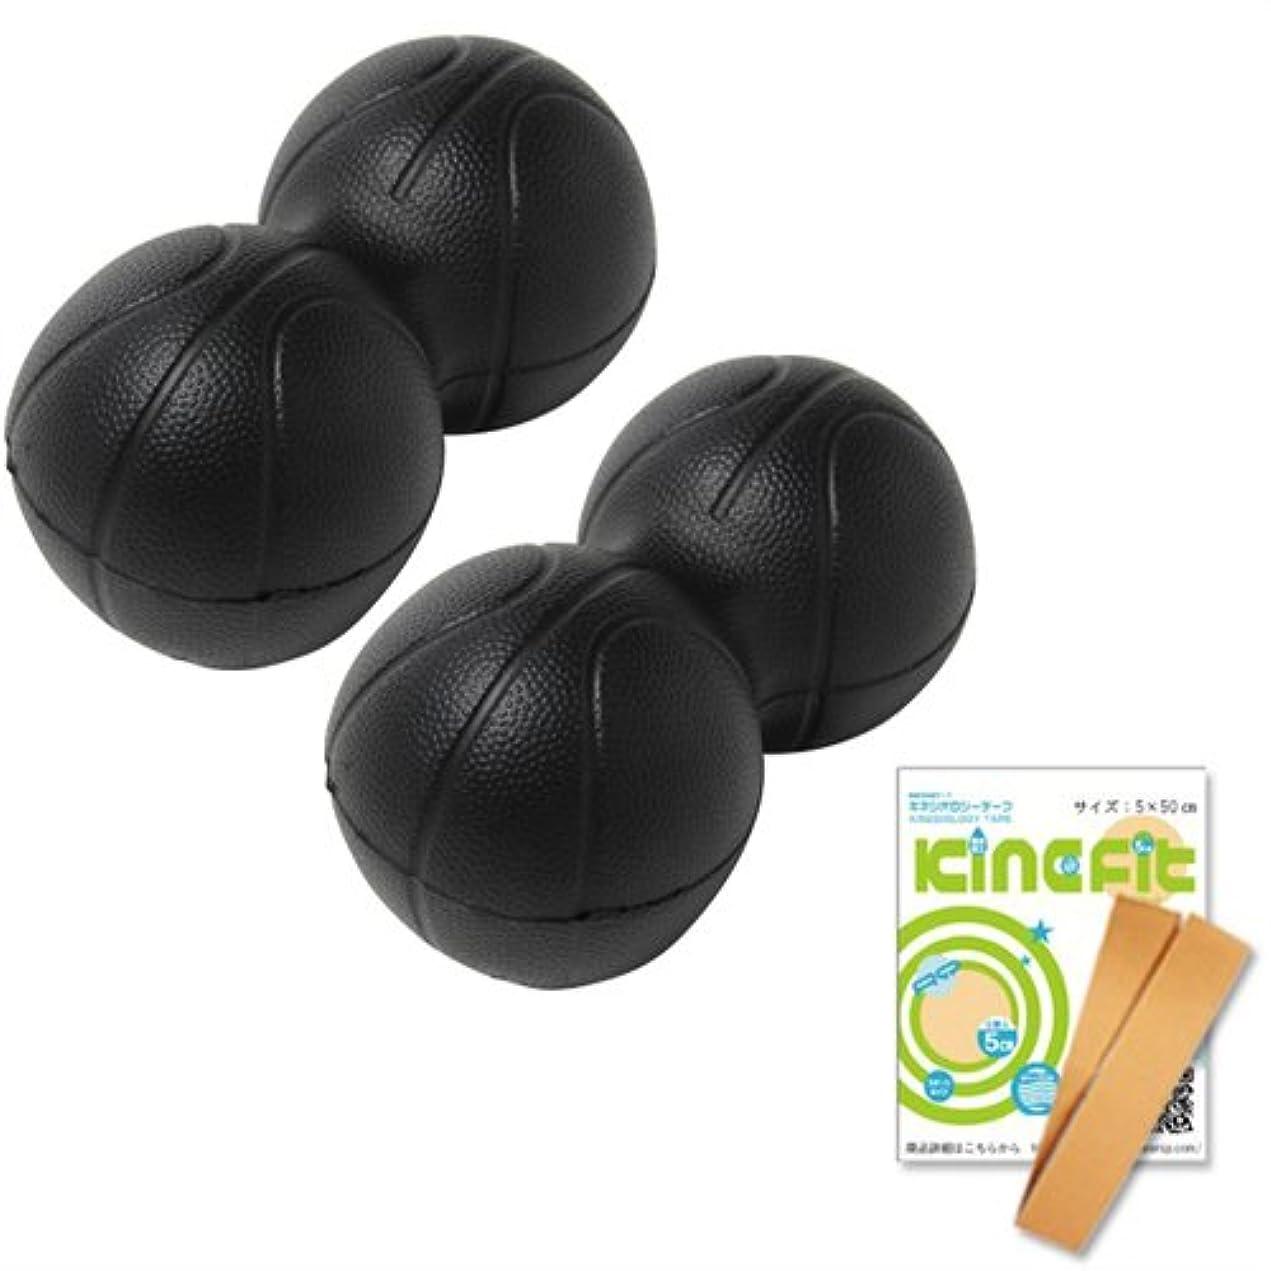 コードレス勇気のある赤字パワーポジションボール ×2個セット + キネシオロジーテープ キネフィットお試し用50cm セット